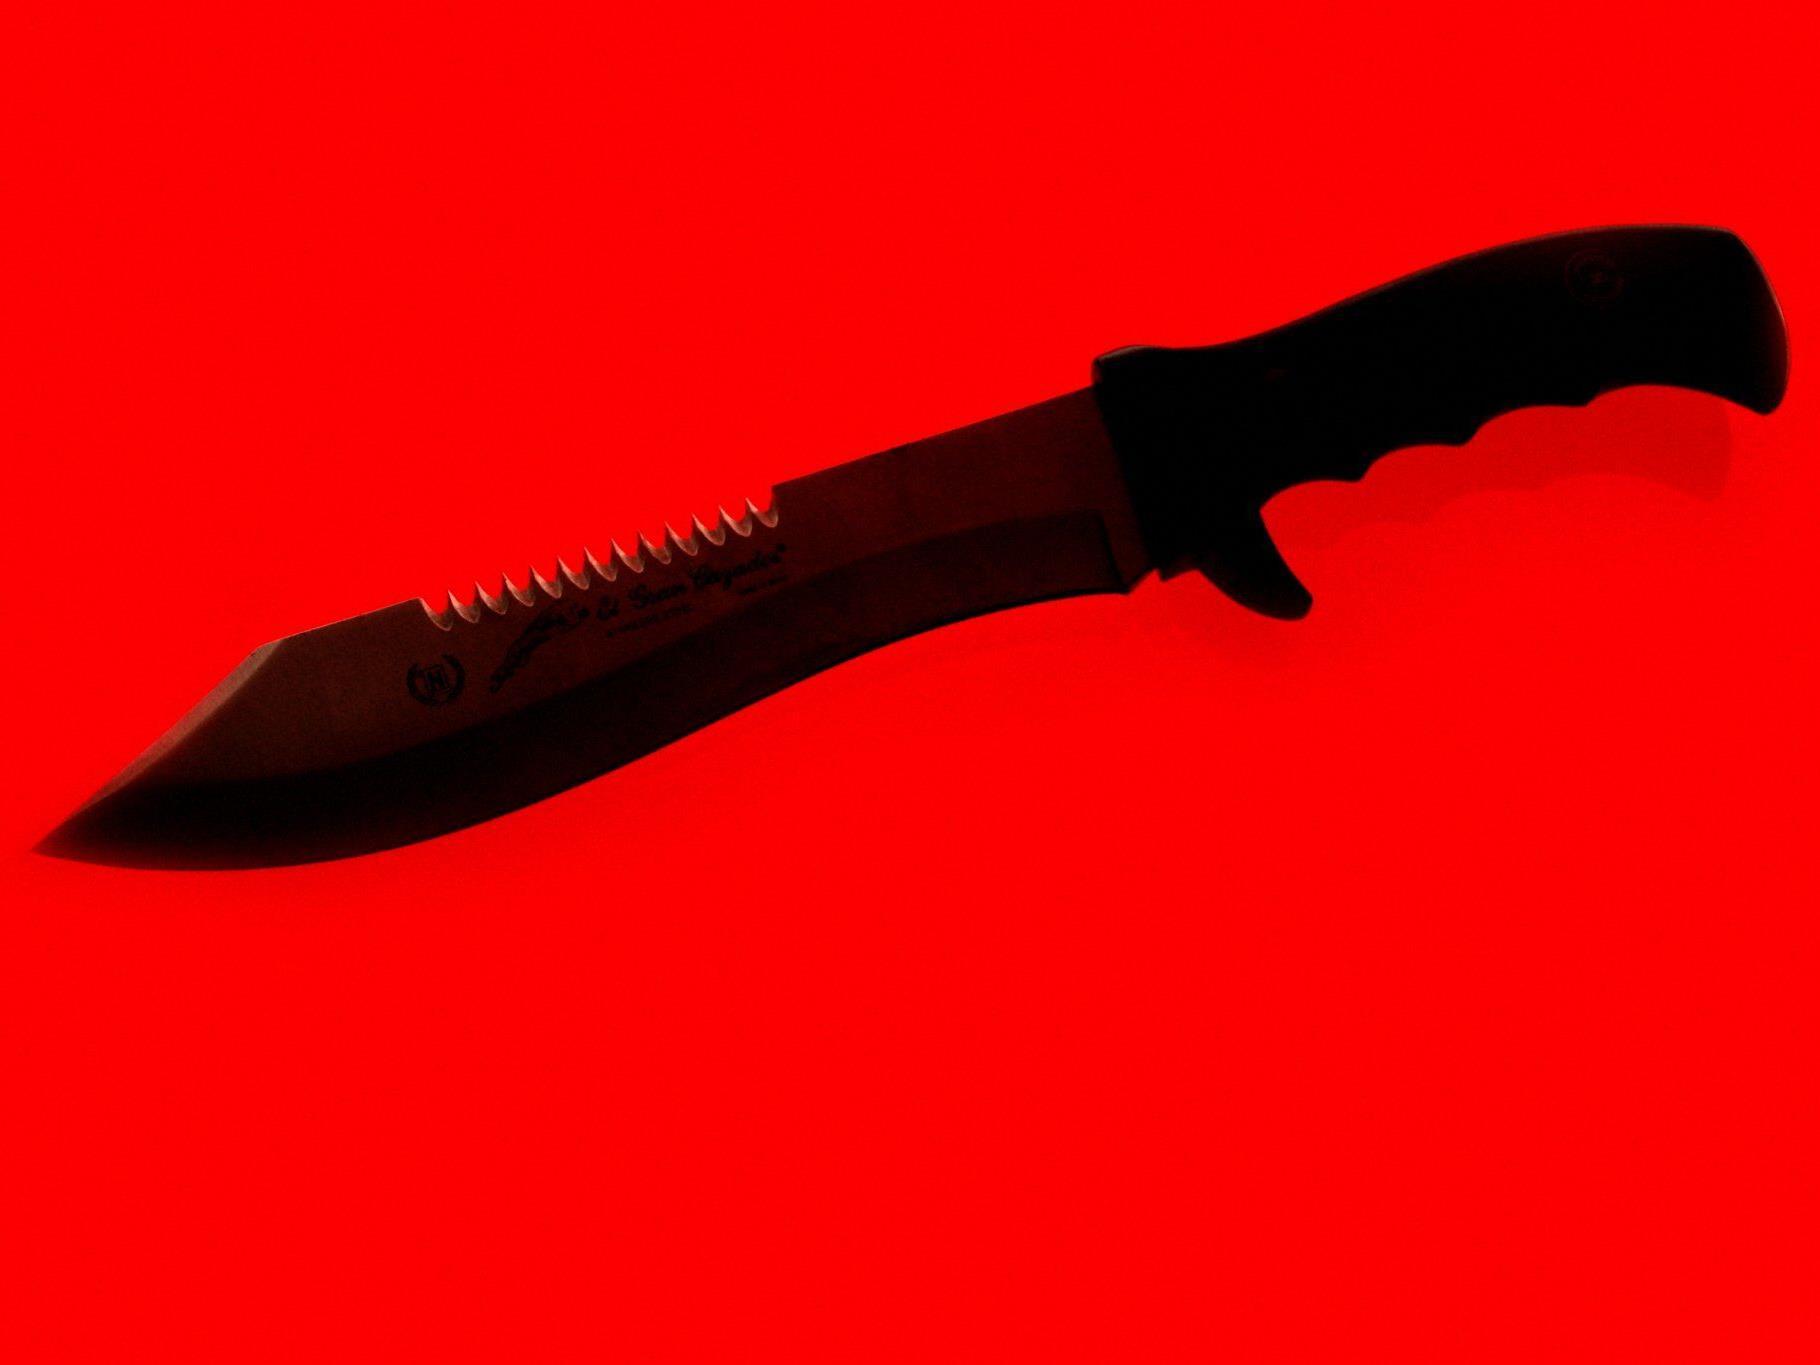 Die WEGA schritt ein, um den genervte Mieter zu entwaffnen